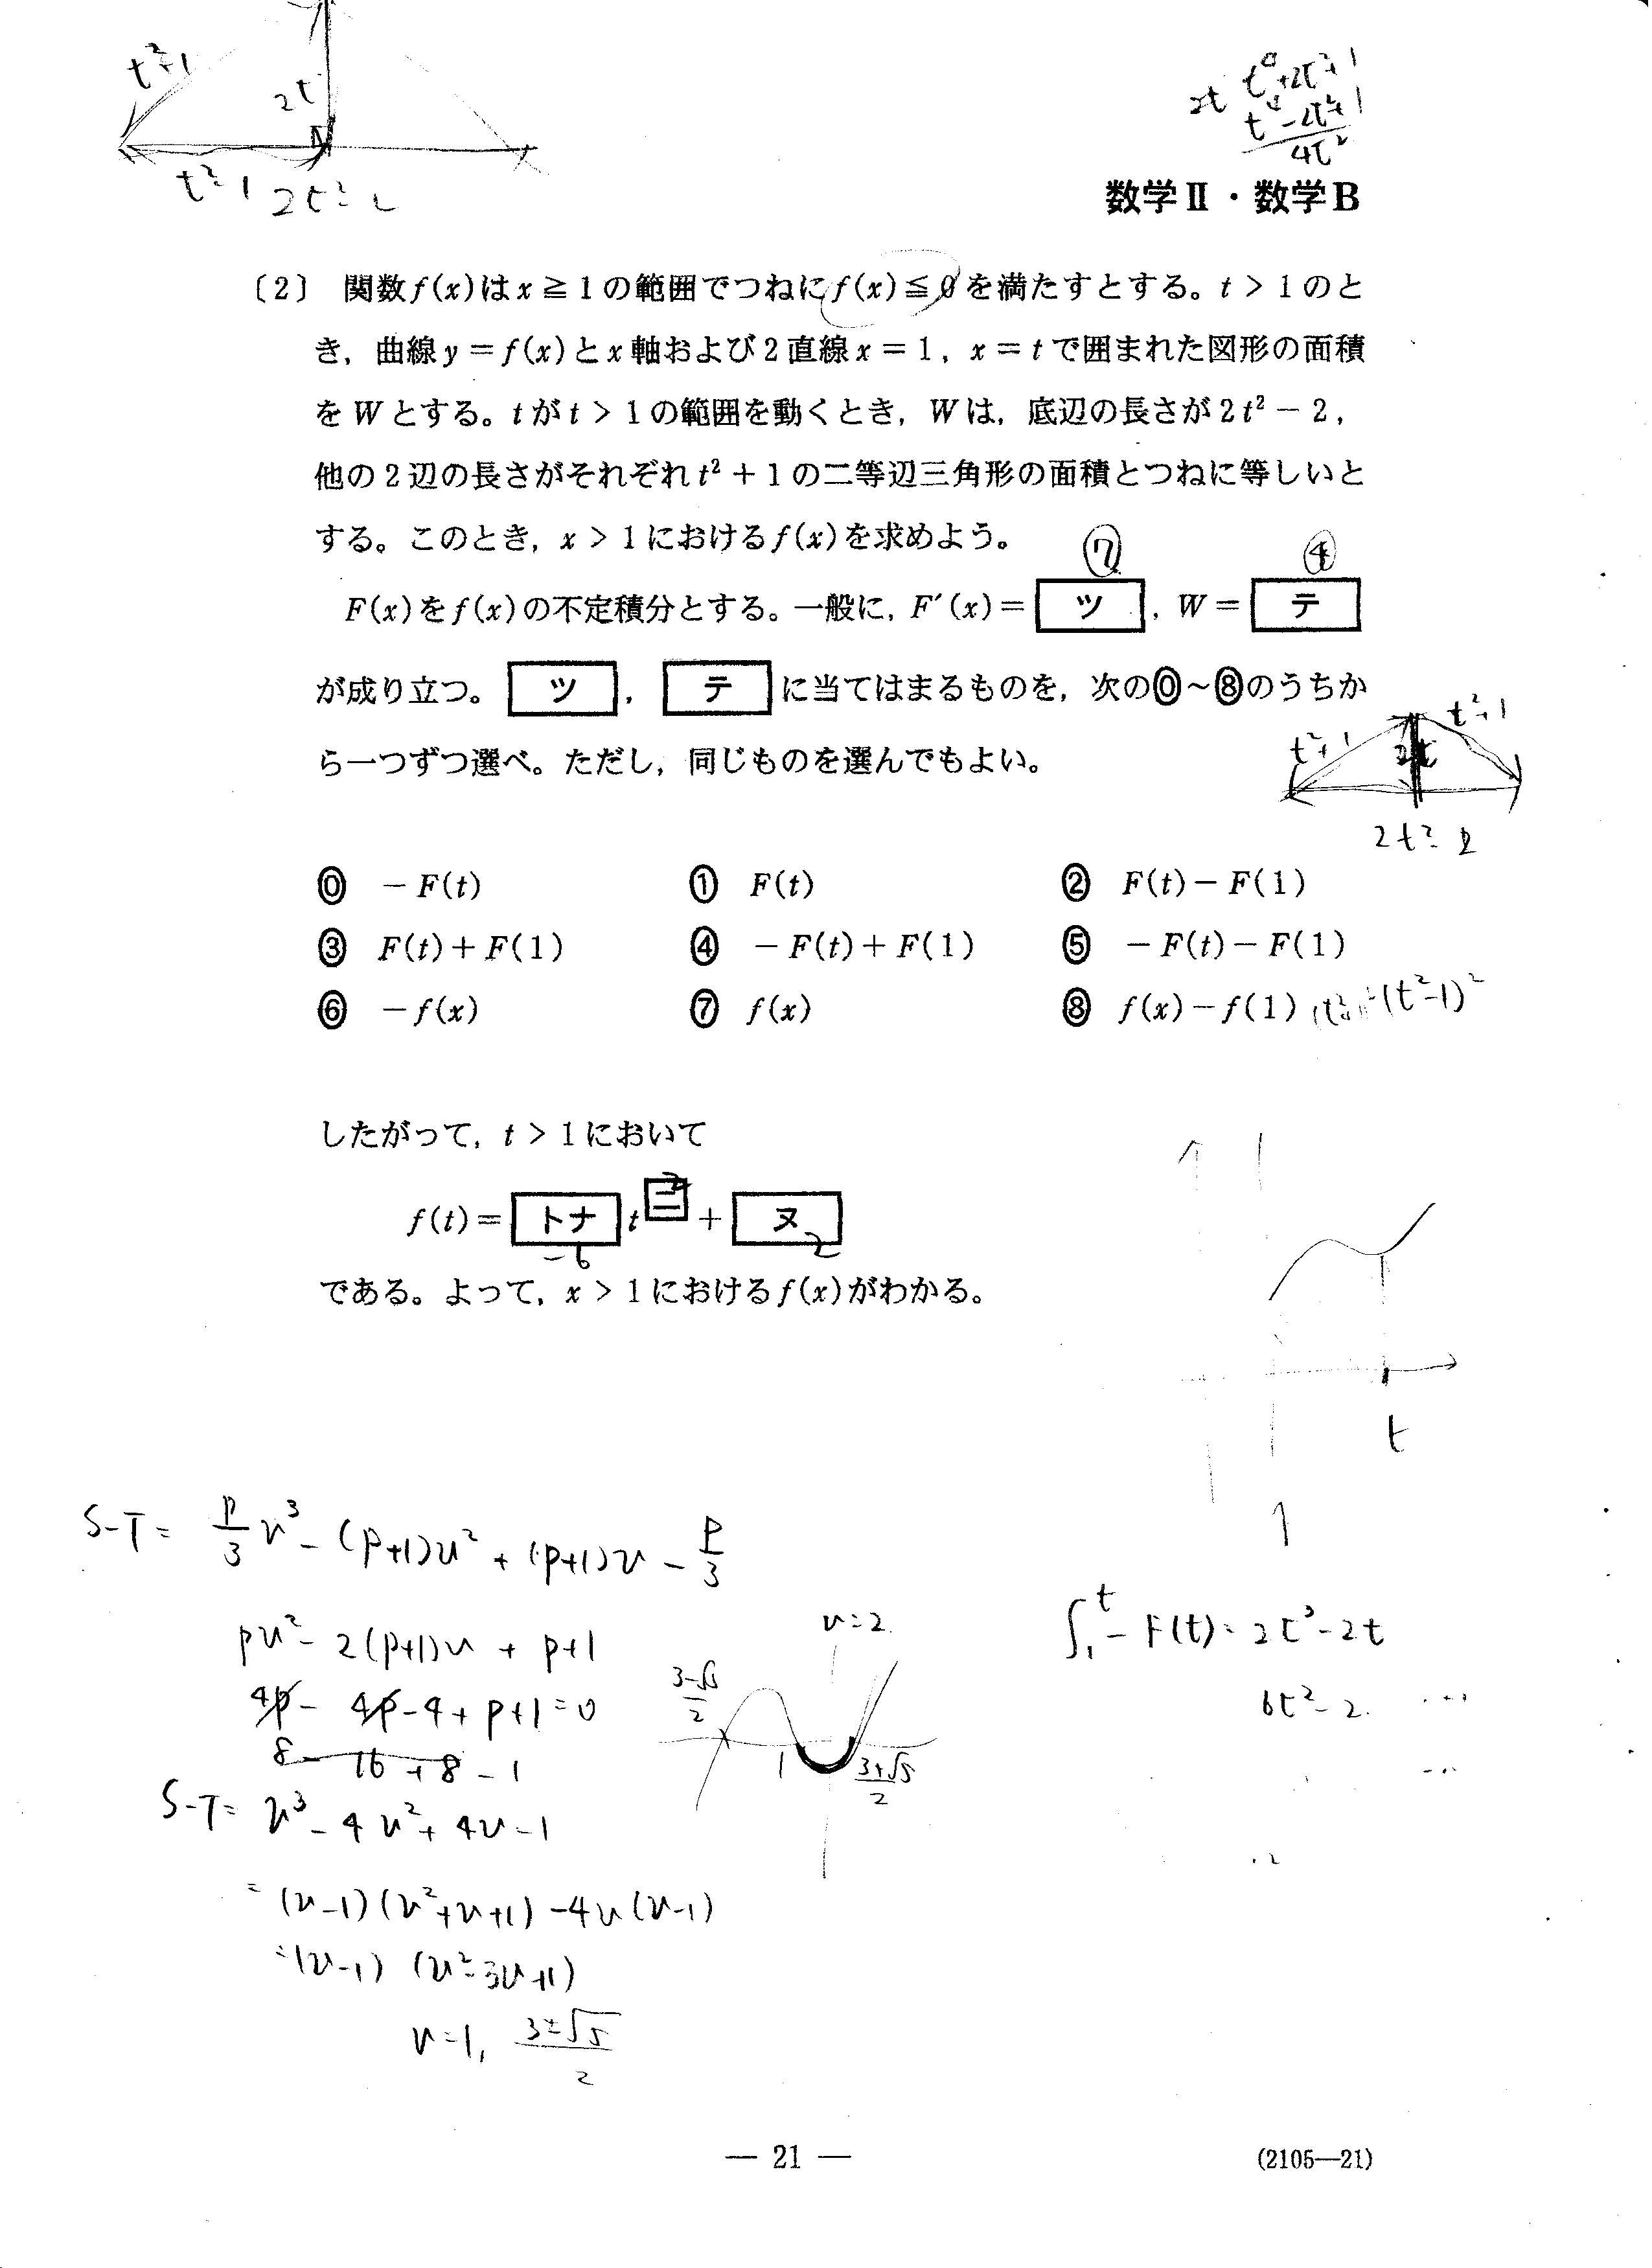 2017_IIB_2[2]